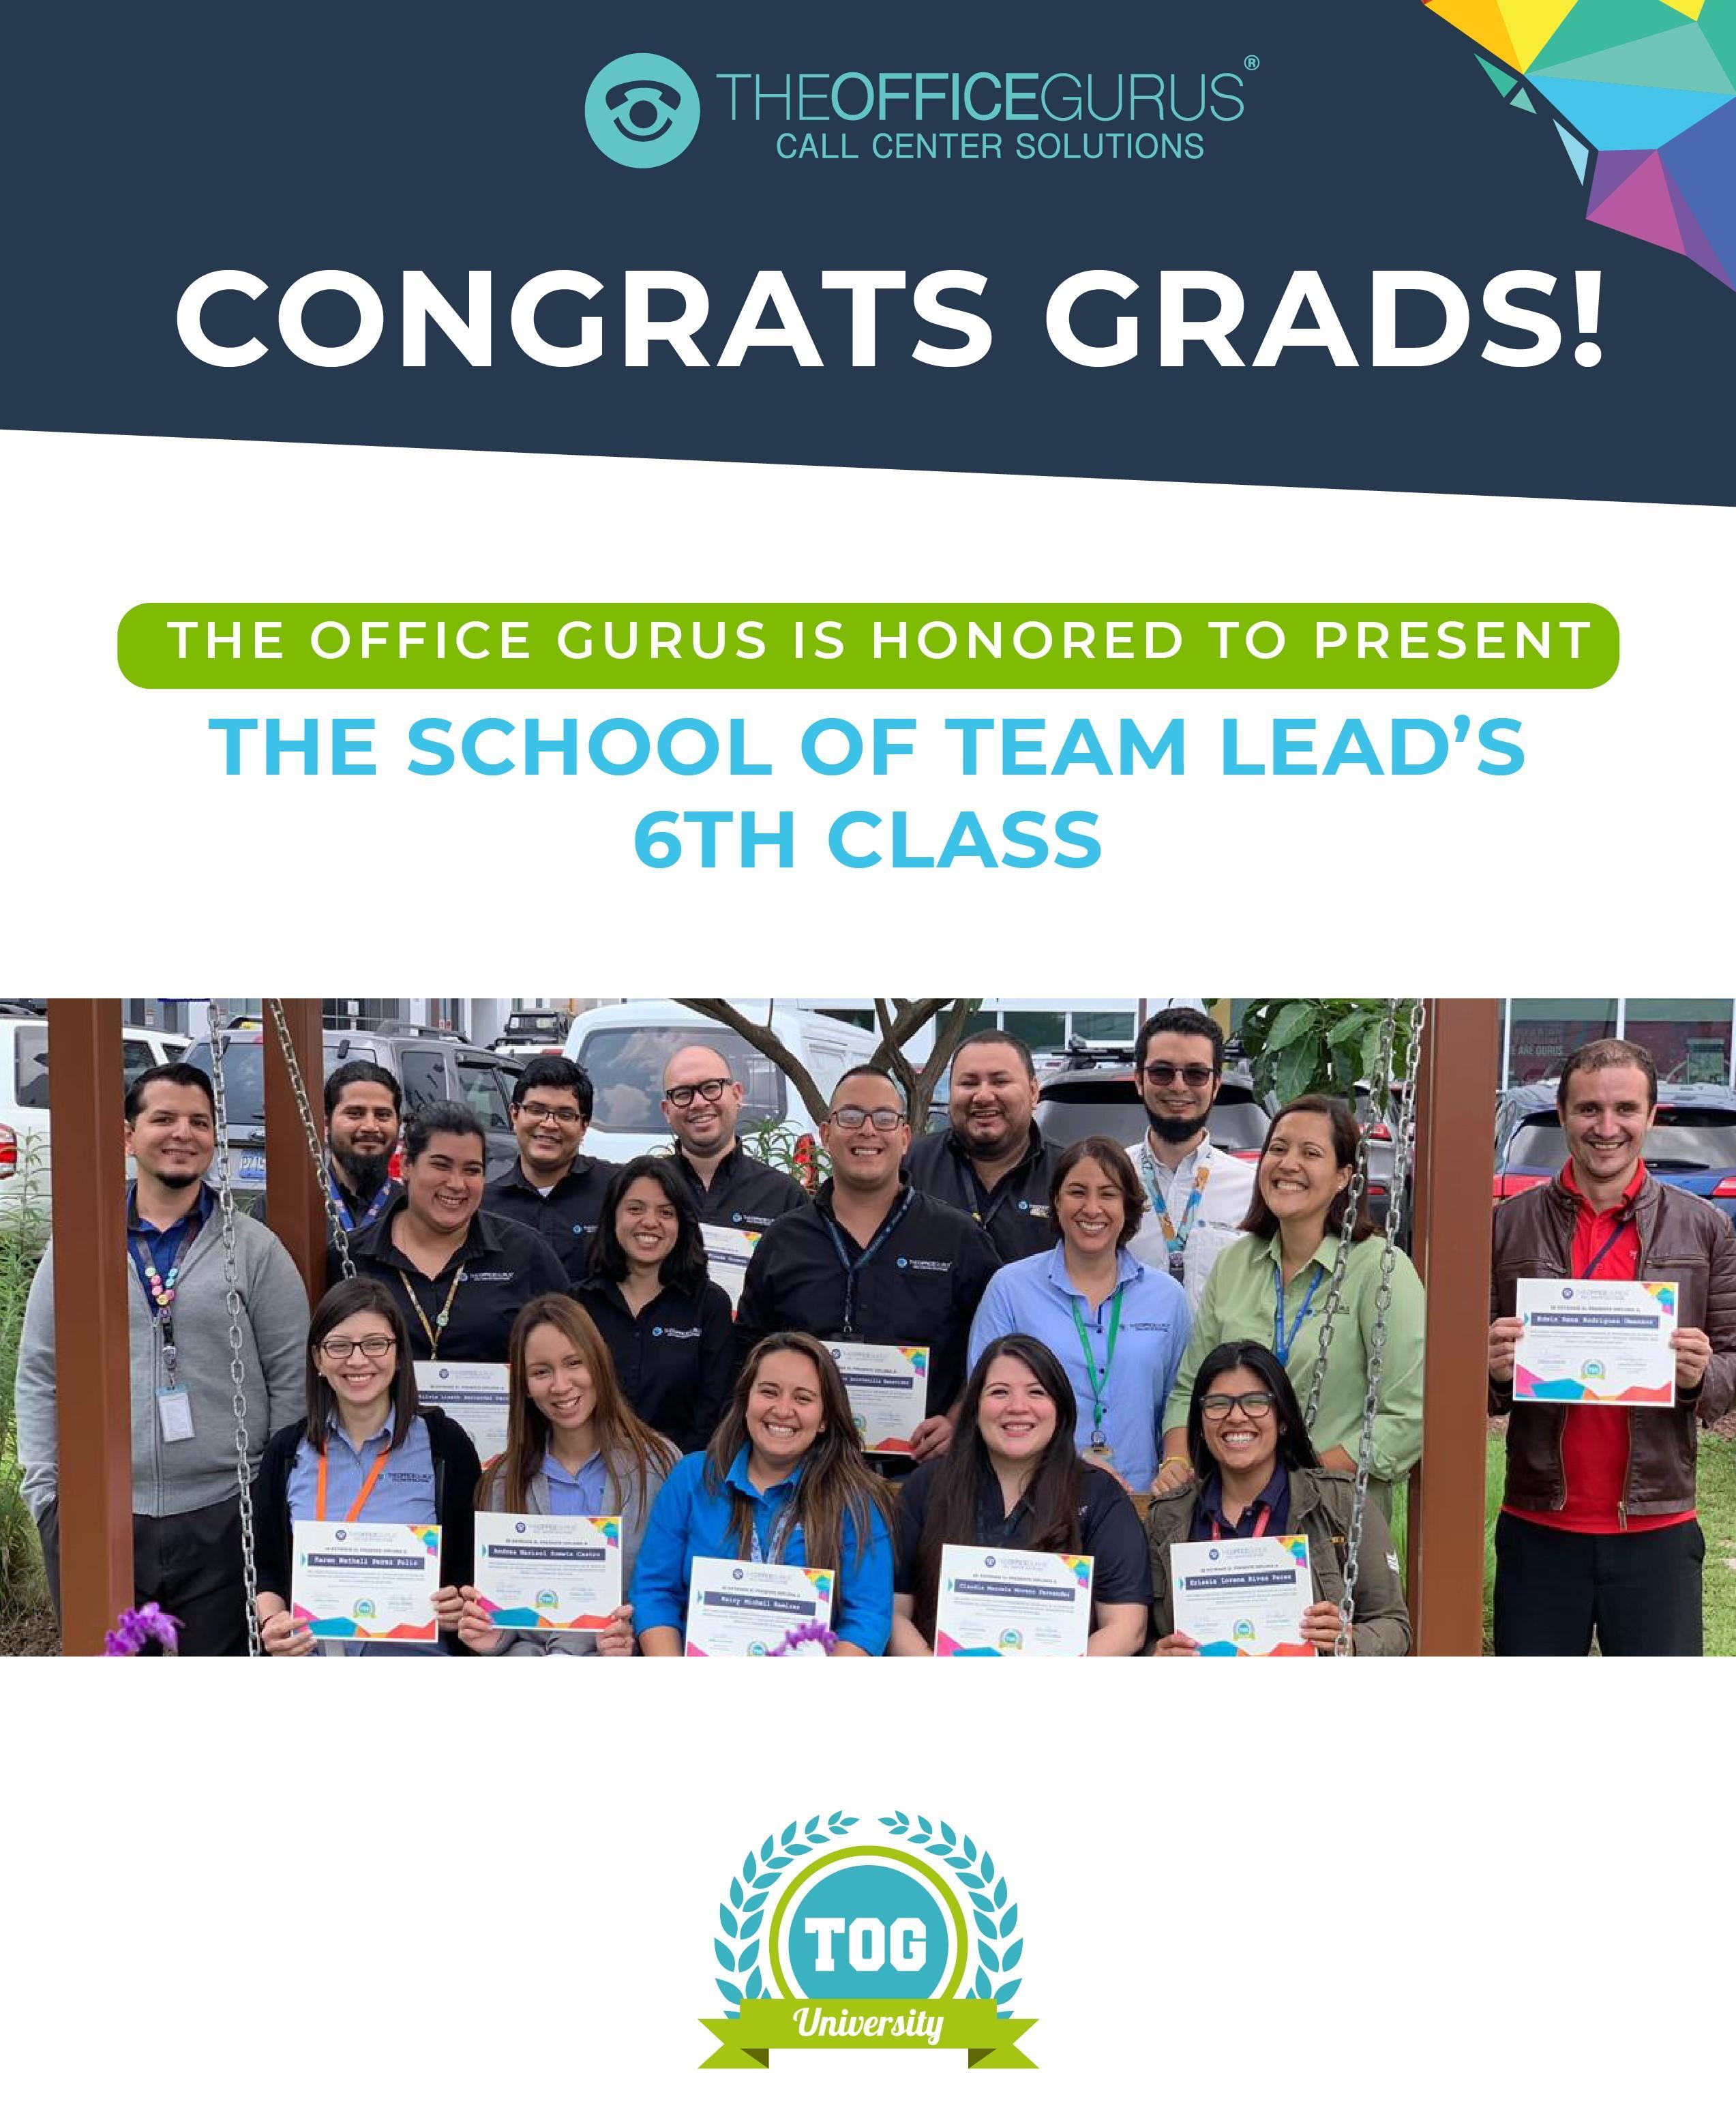 TOG University: Congrats Grads